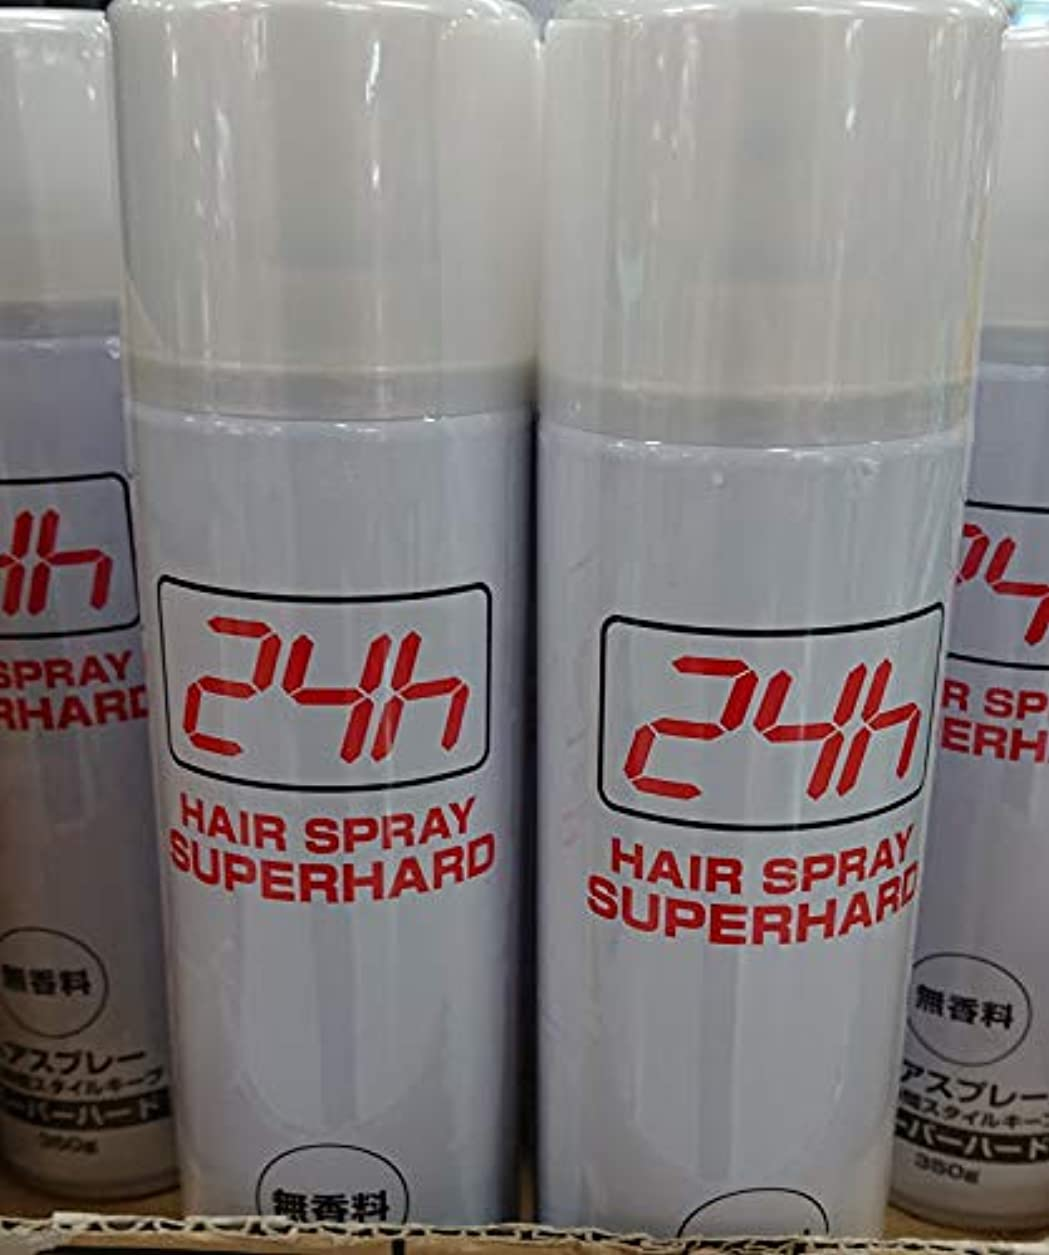 呪い繁殖メダルKEEP24 ヘアスプレー スーパーハード 無香料 大容量350g 1本